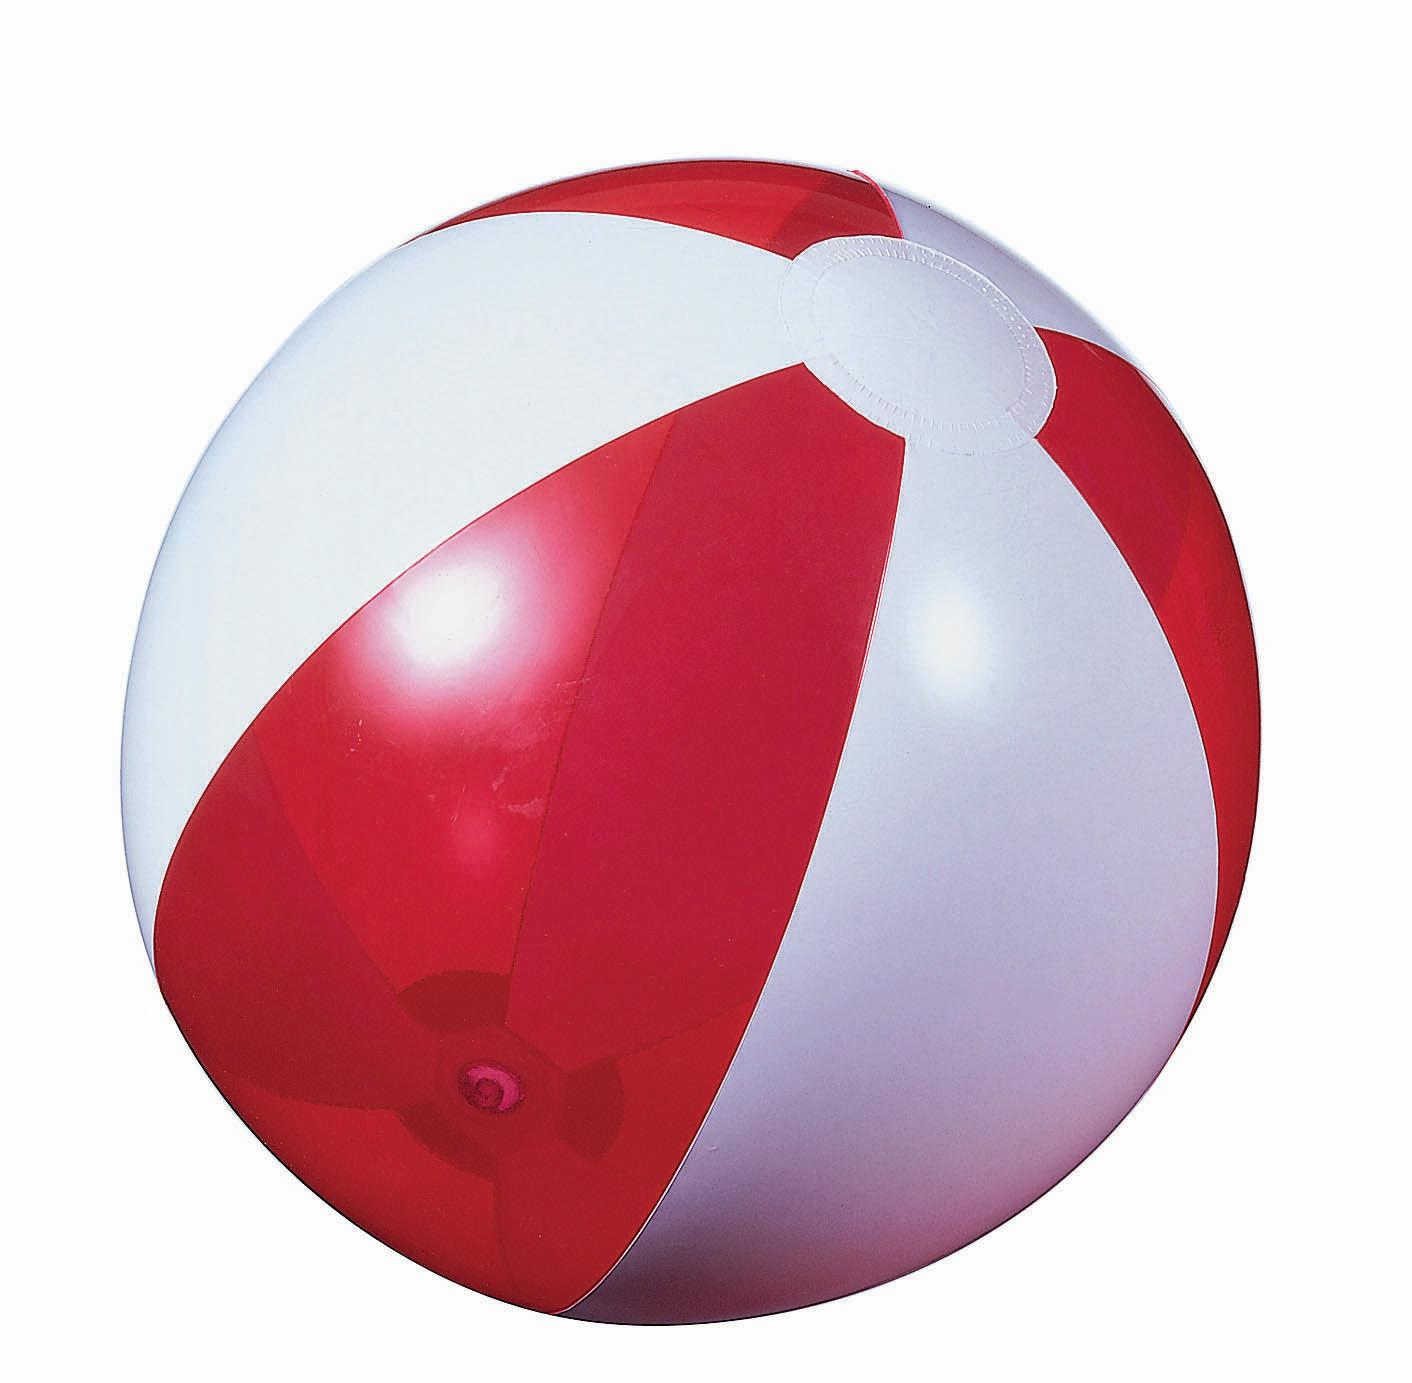 Image Coloriage Ballon.Coloriage Ballon De Plage A Imprimer